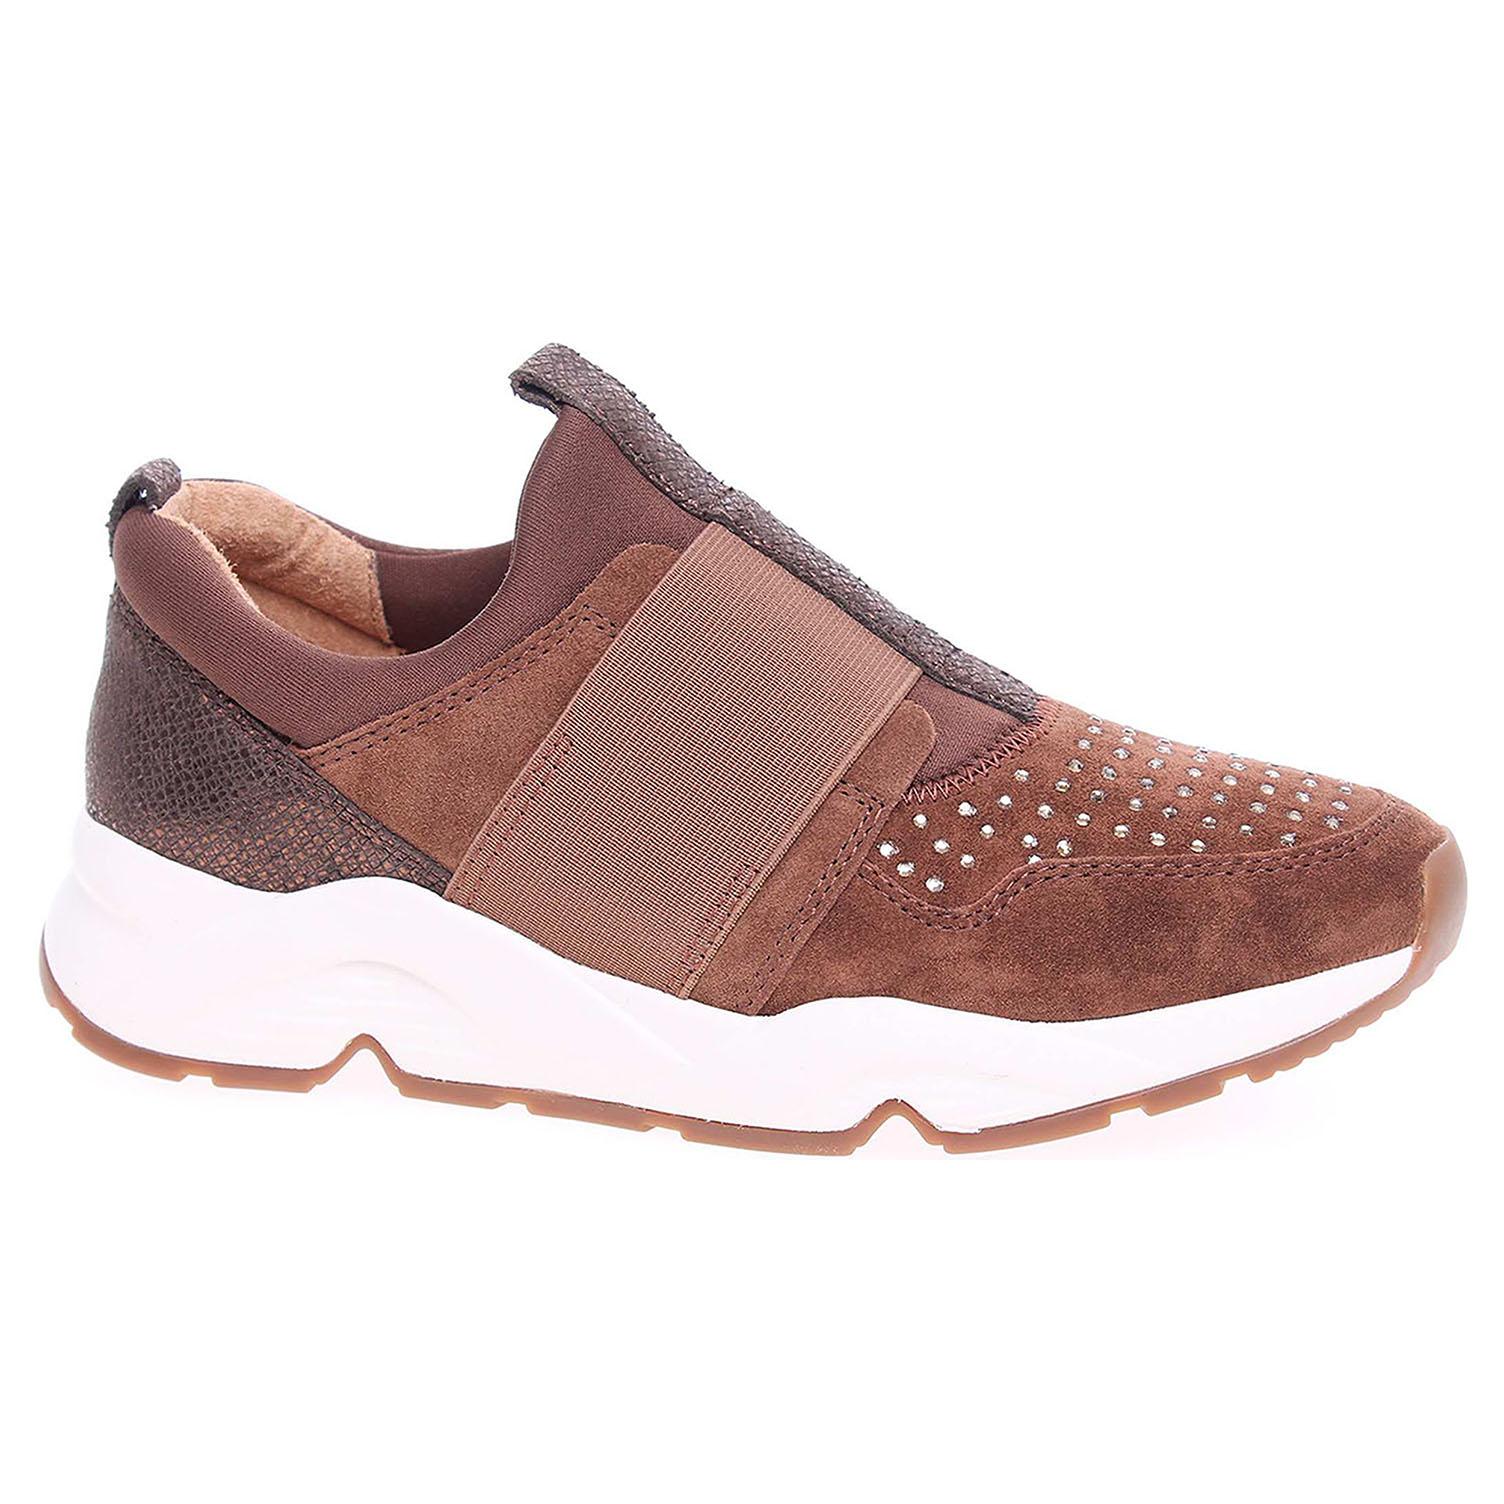 Dámská obuv Gabor 76.321.34 hnědá 76.321.34 37